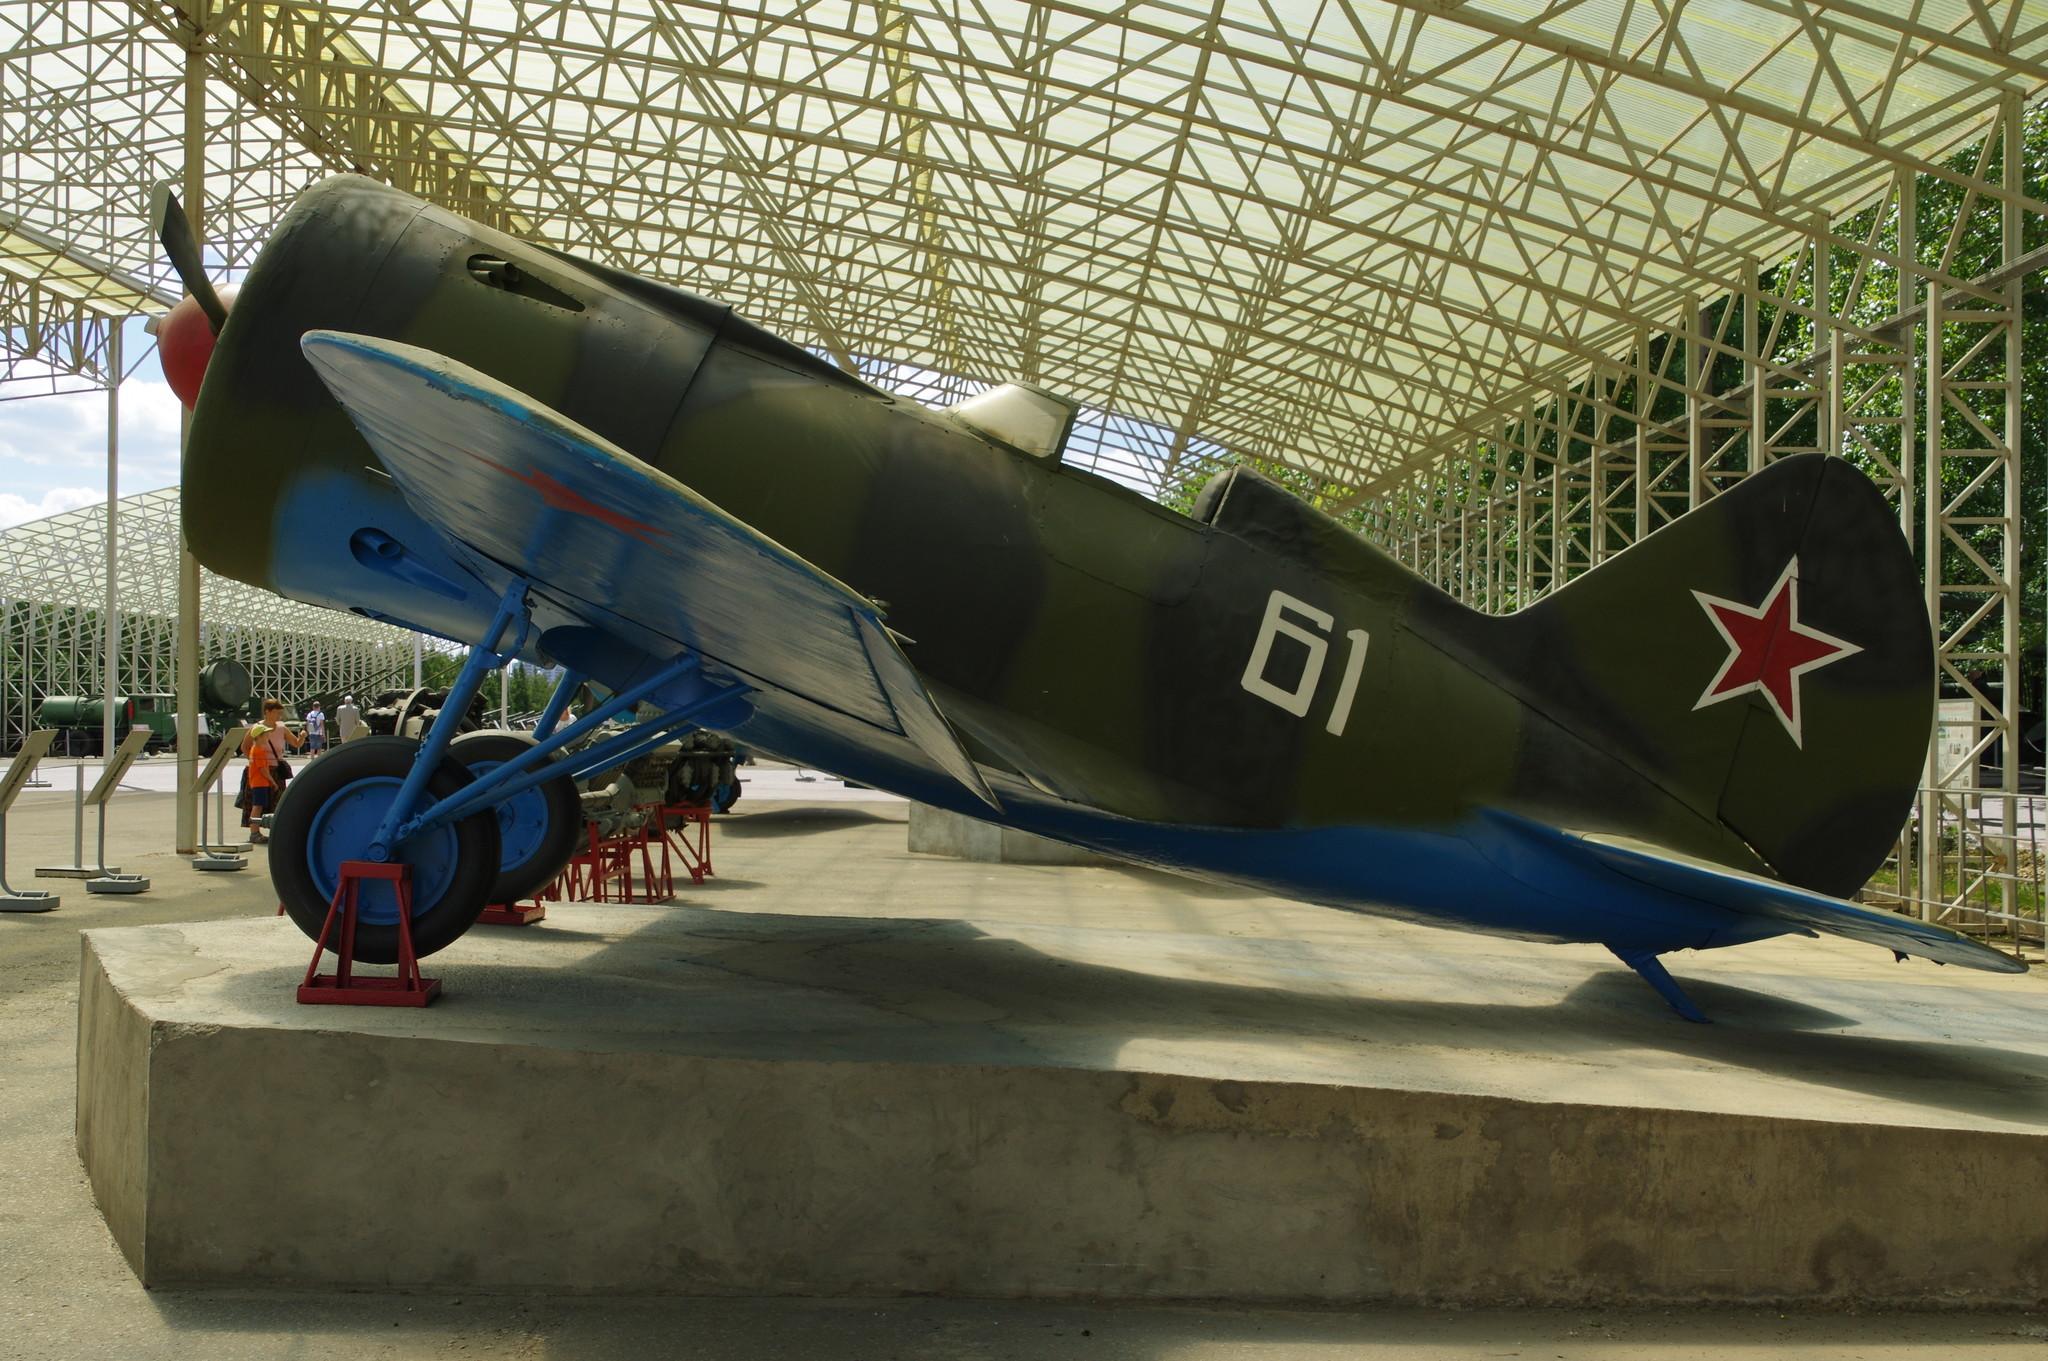 Полноразмерная копия истребителя И-16 тип 10 в экспозиции Центрального музея Великой Отечественной войны 1941-1945 гг.